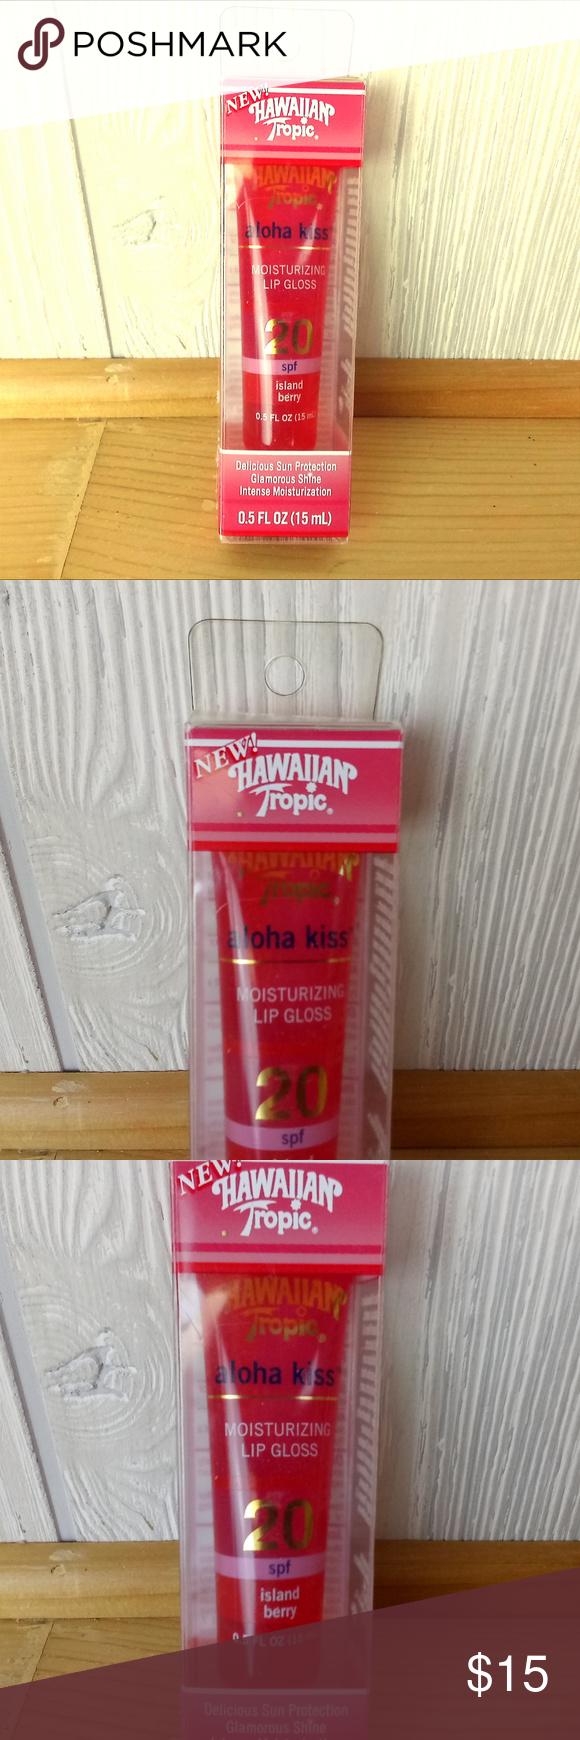 *Rare! Hawaiian Tropic Aloha Kiss Lip Gloss SPF 20 Moist